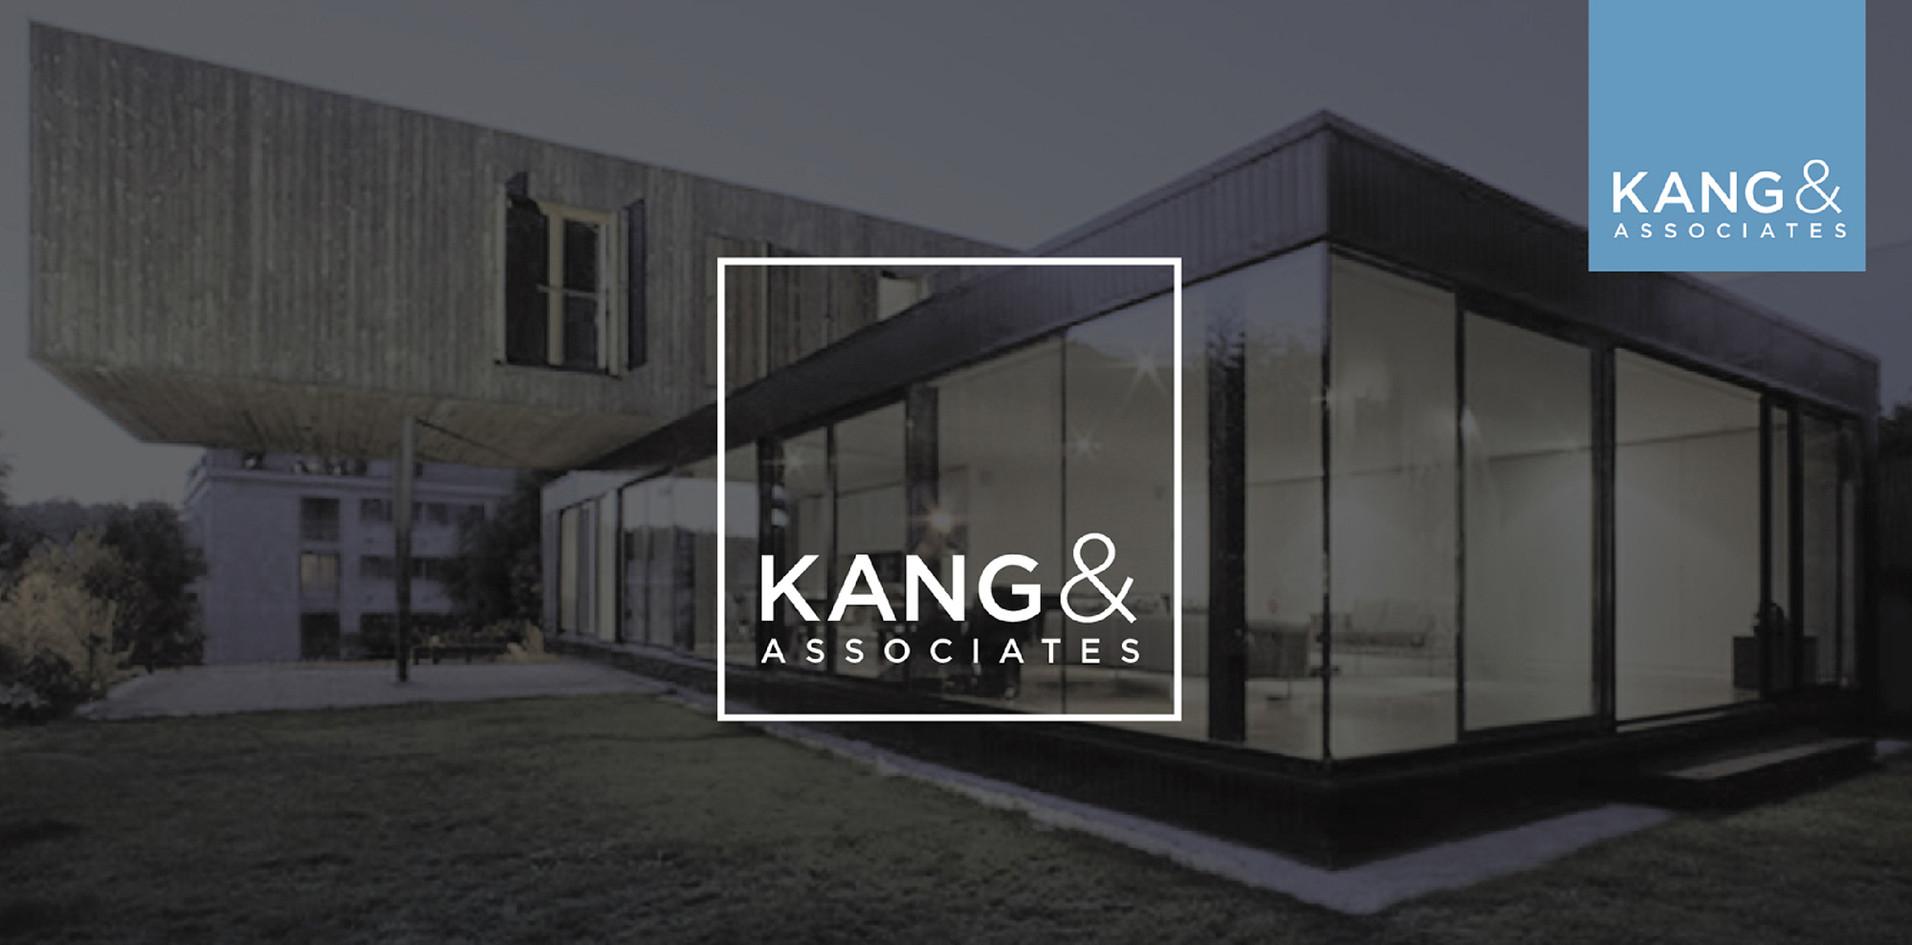 Kang & Associates